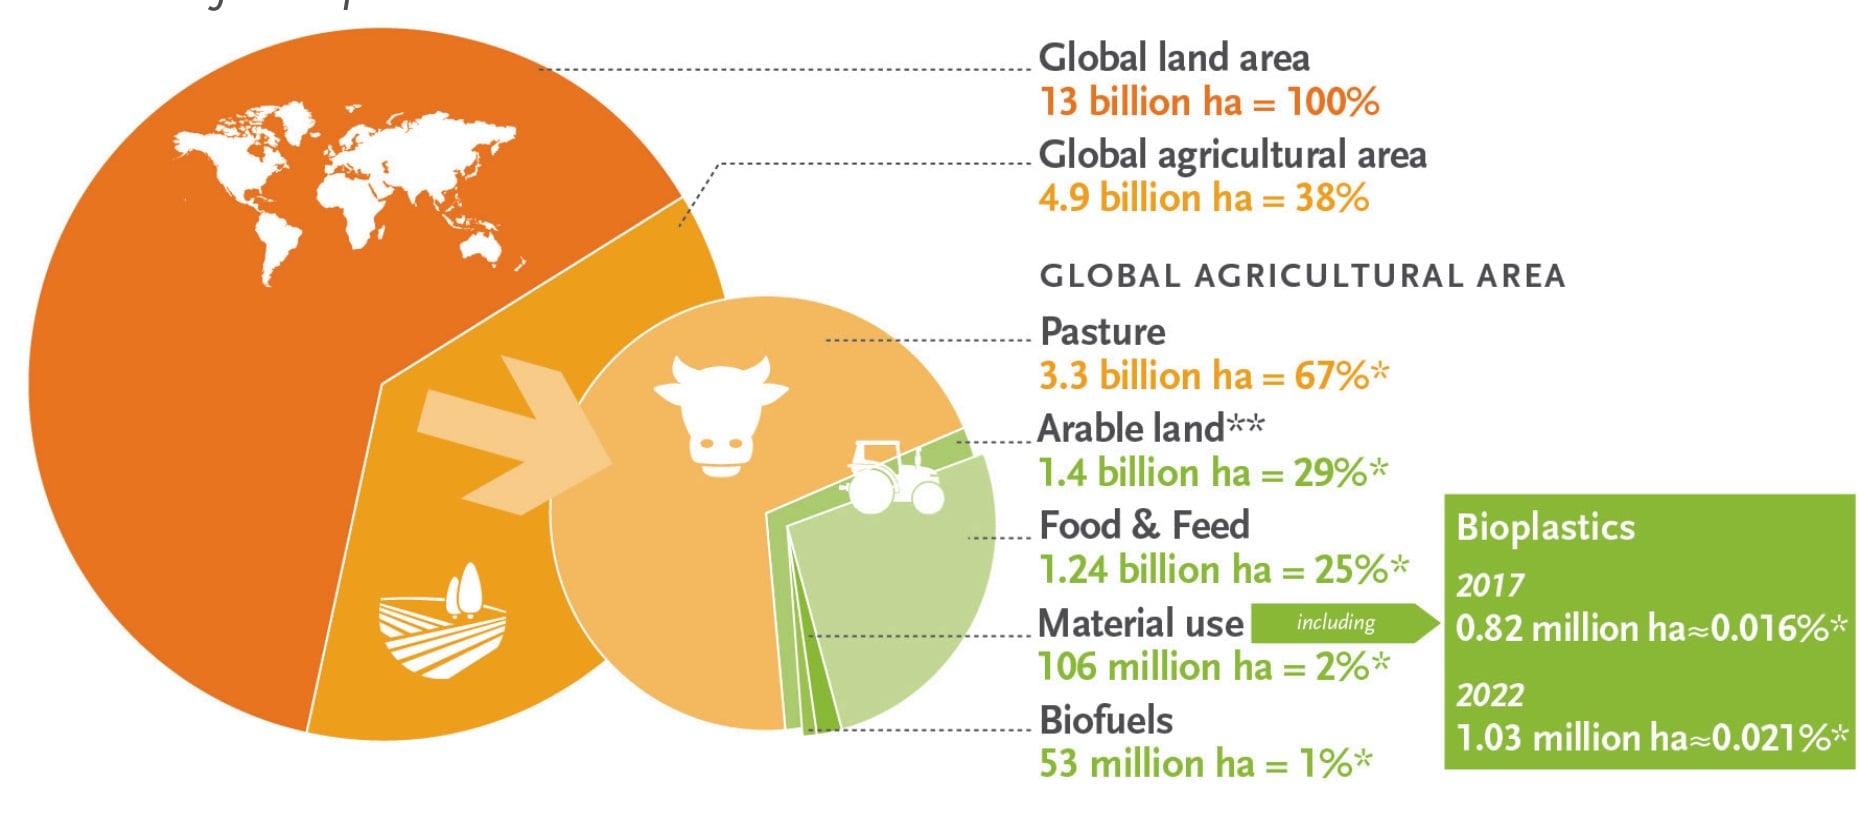 زمینهای مورد استفاده برای پلاستیکهای زیستی در سال 2017 و 2022